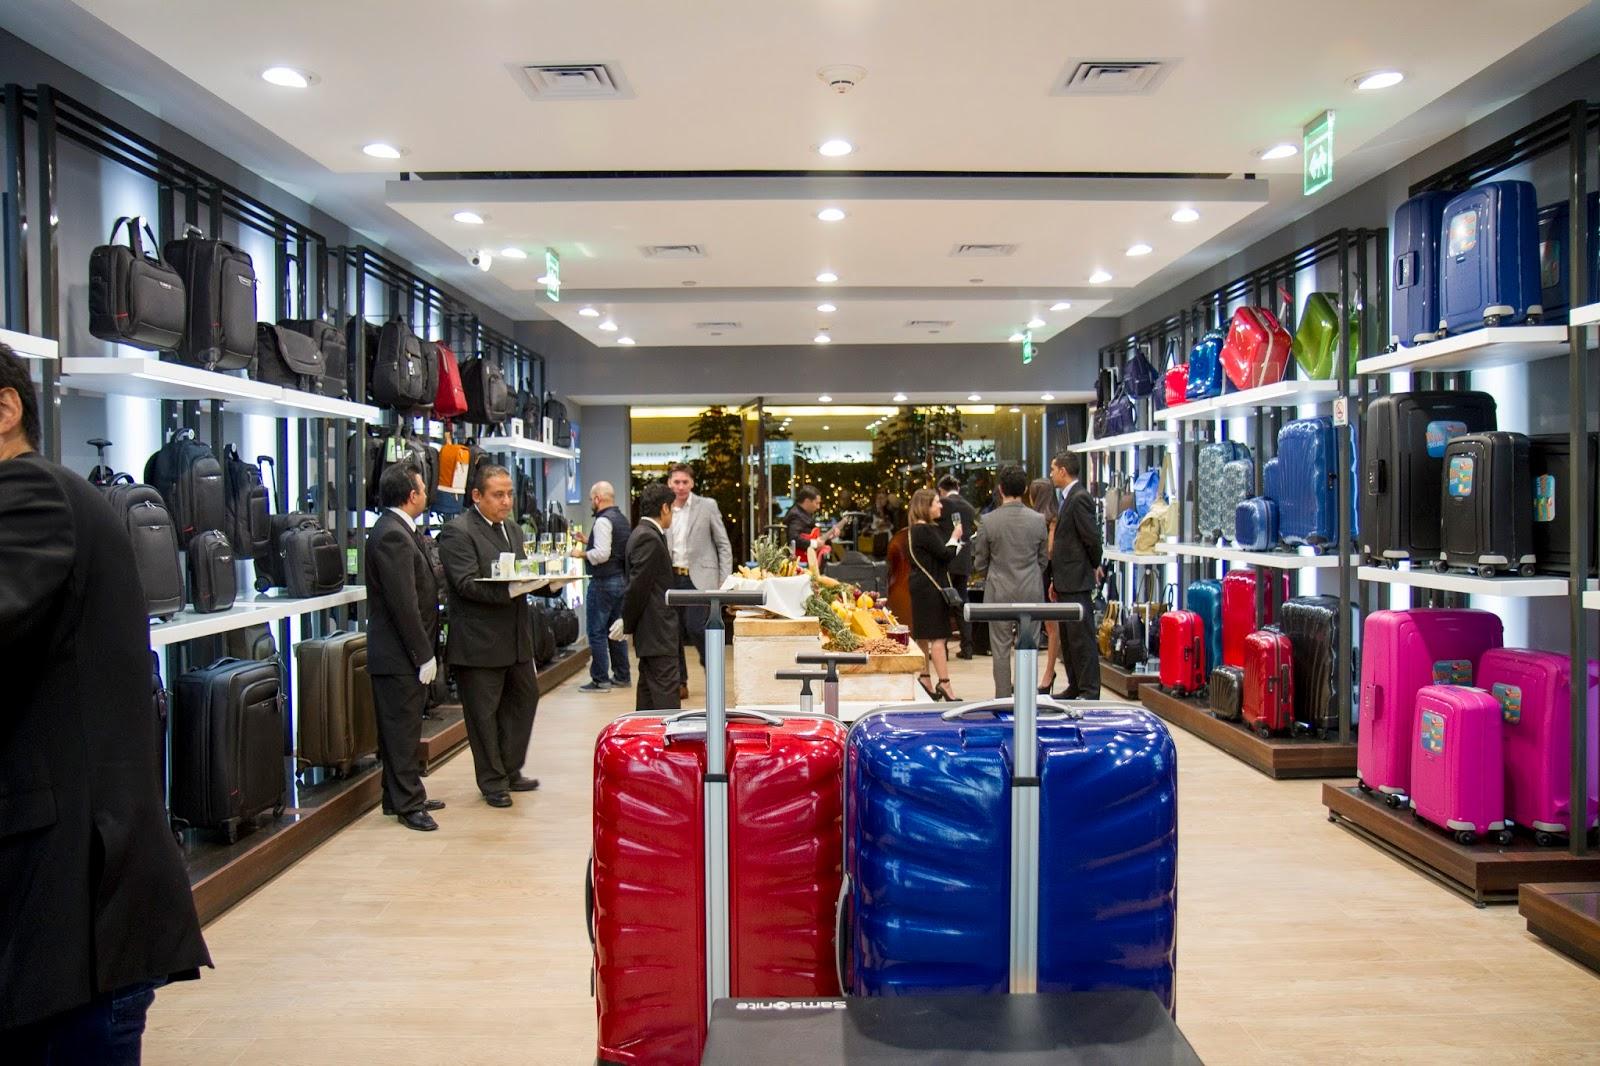 La tienda Samsonite Antara está ubicada en el primer piso de Antara Fashion  Hall y abrirá sus puertas celebrando su inauguración con un cocktail este  25 de ... ffabfca89a5be